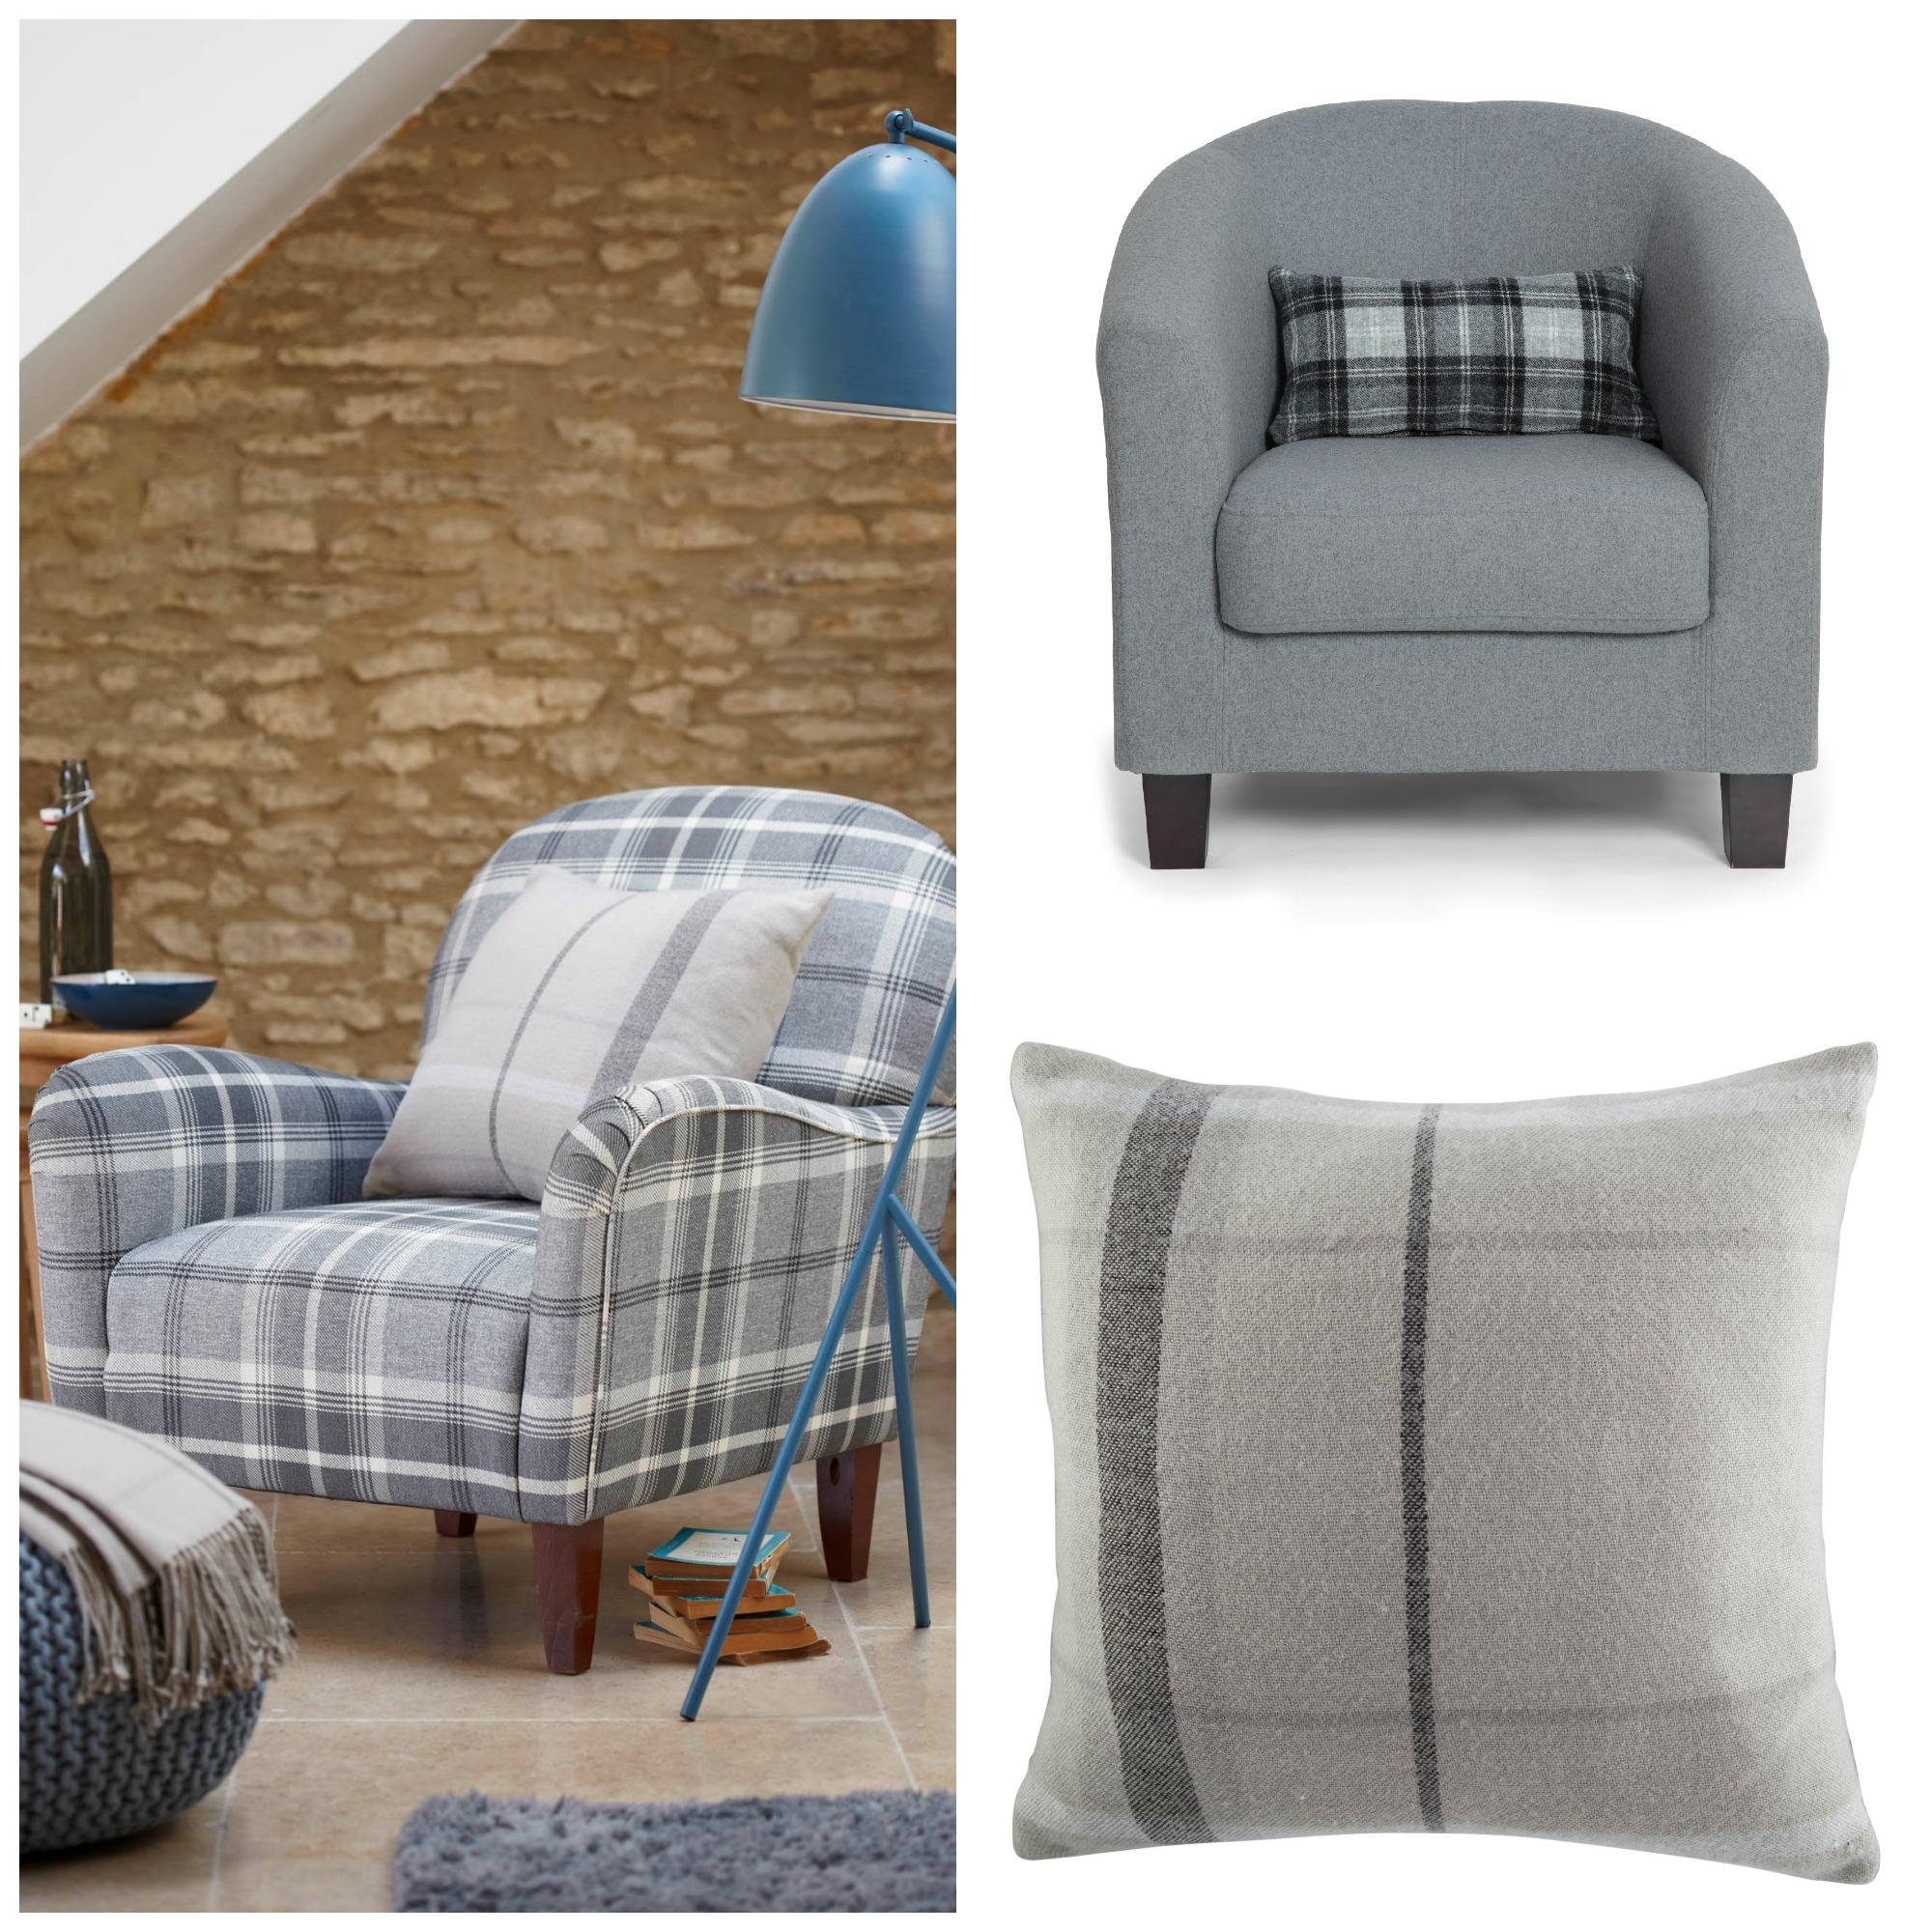 Chez Tesco et Alison at Home, la tartan est traité de manière sobre dans des tons gris par touche ou de manière plus imposante sur l'ensemble d'un fauteuil.